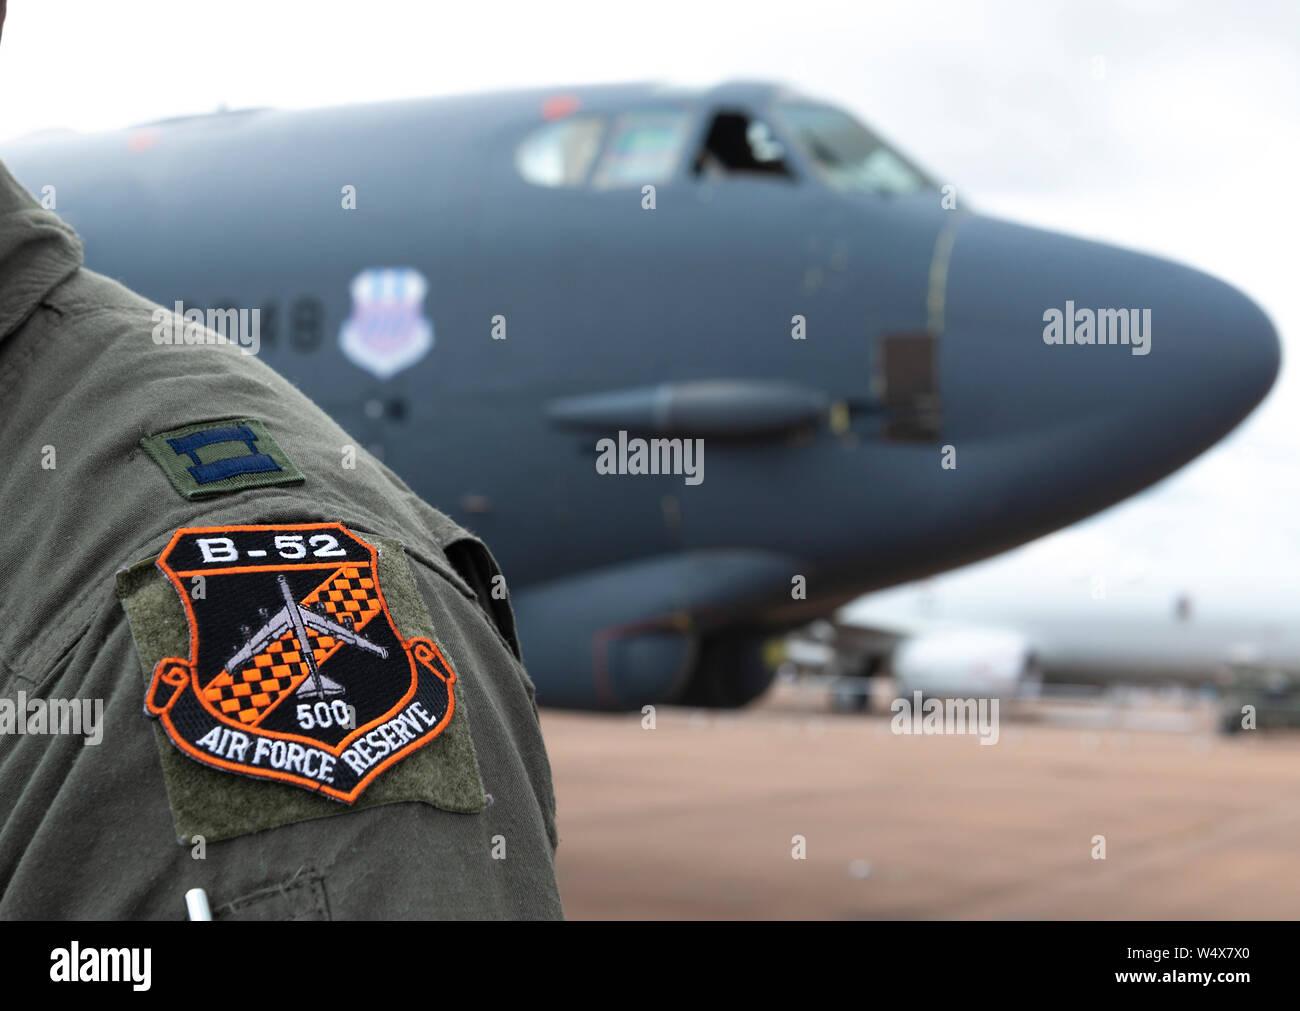 Boeing B-52 Stratofortress llegar a RAIT 2019, desde su Base de la Fuerza Aérea de Barksdale Louisiana, EE.UU., para exposiciones y para tomar residencia temporal. Foto de stock